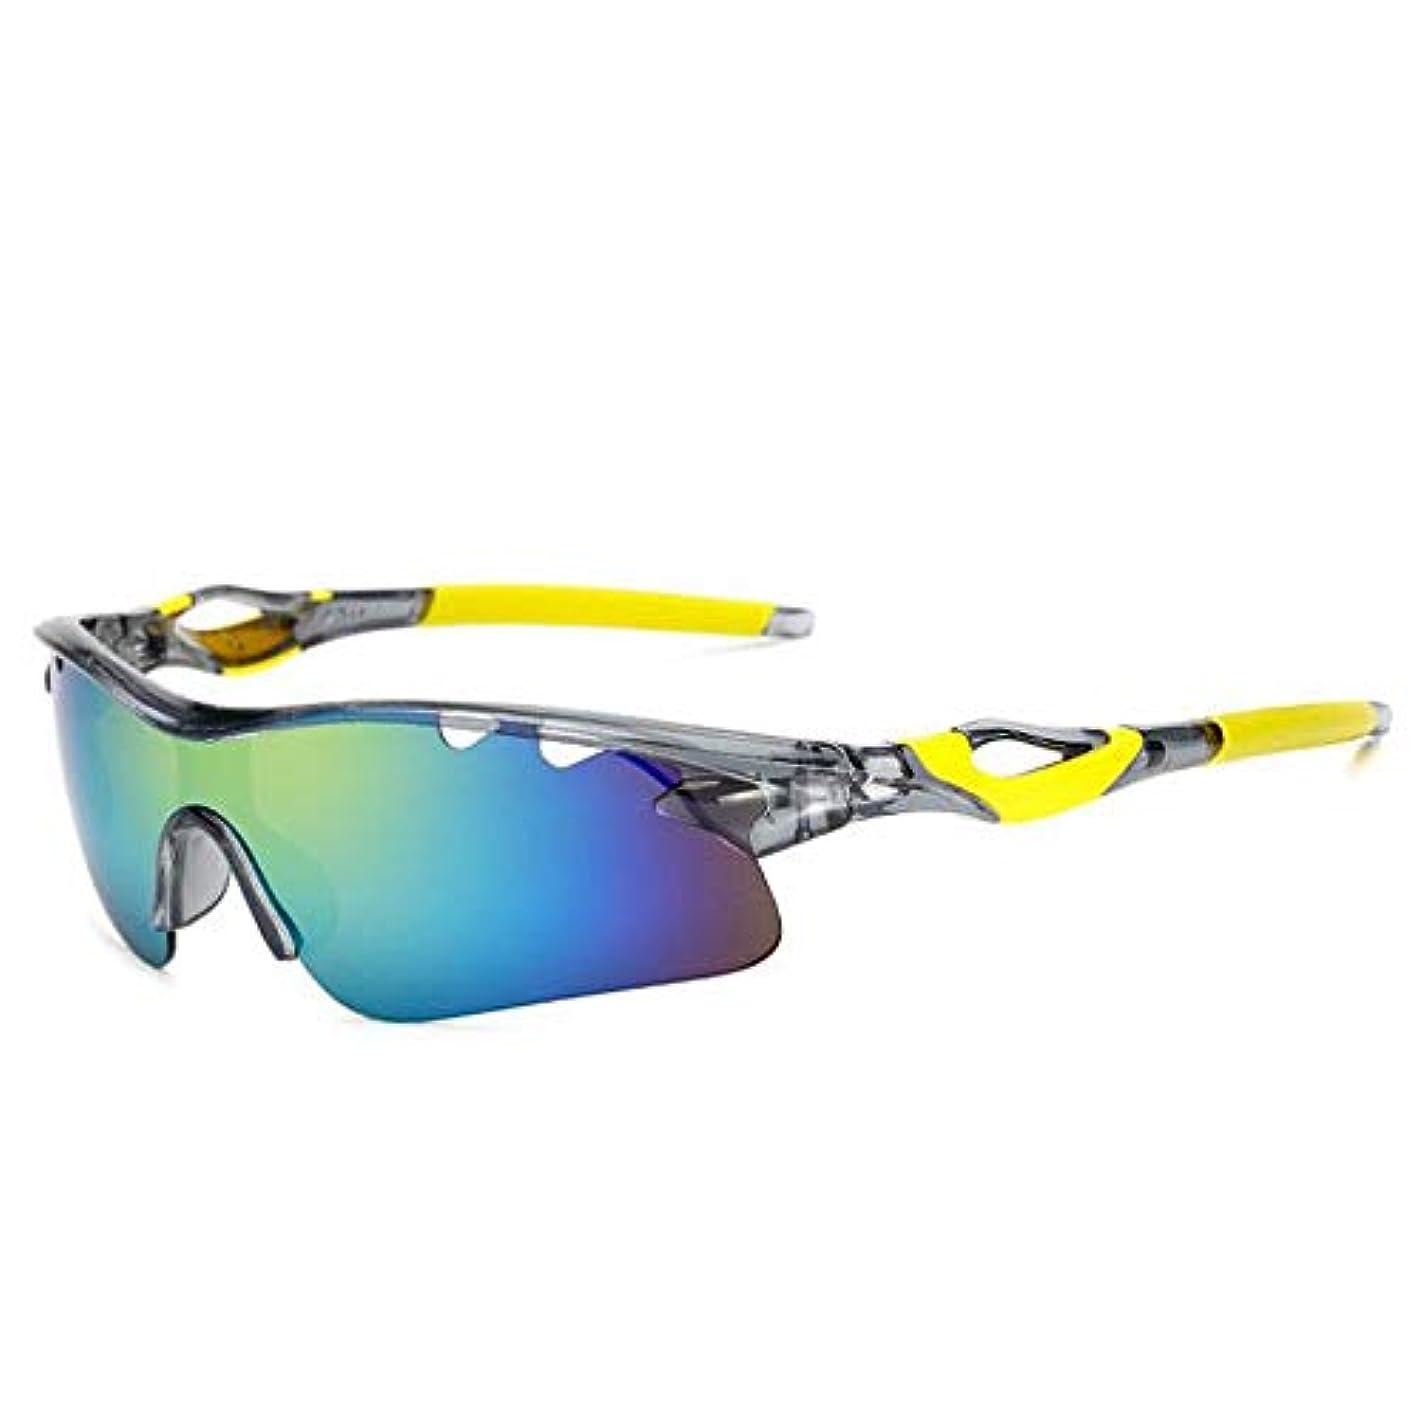 深遠ヘルメット溶けた偏光スポーツサングラス交換レンズ スポーツサングラス保護サイクリングメガネ偏光UV400用サイクリング、野球、釣り、スキーランニング、ゴルフ 自転車/山/運転/野球/自転車/釣り/ランニング/ゴルフなどの野外活動男女